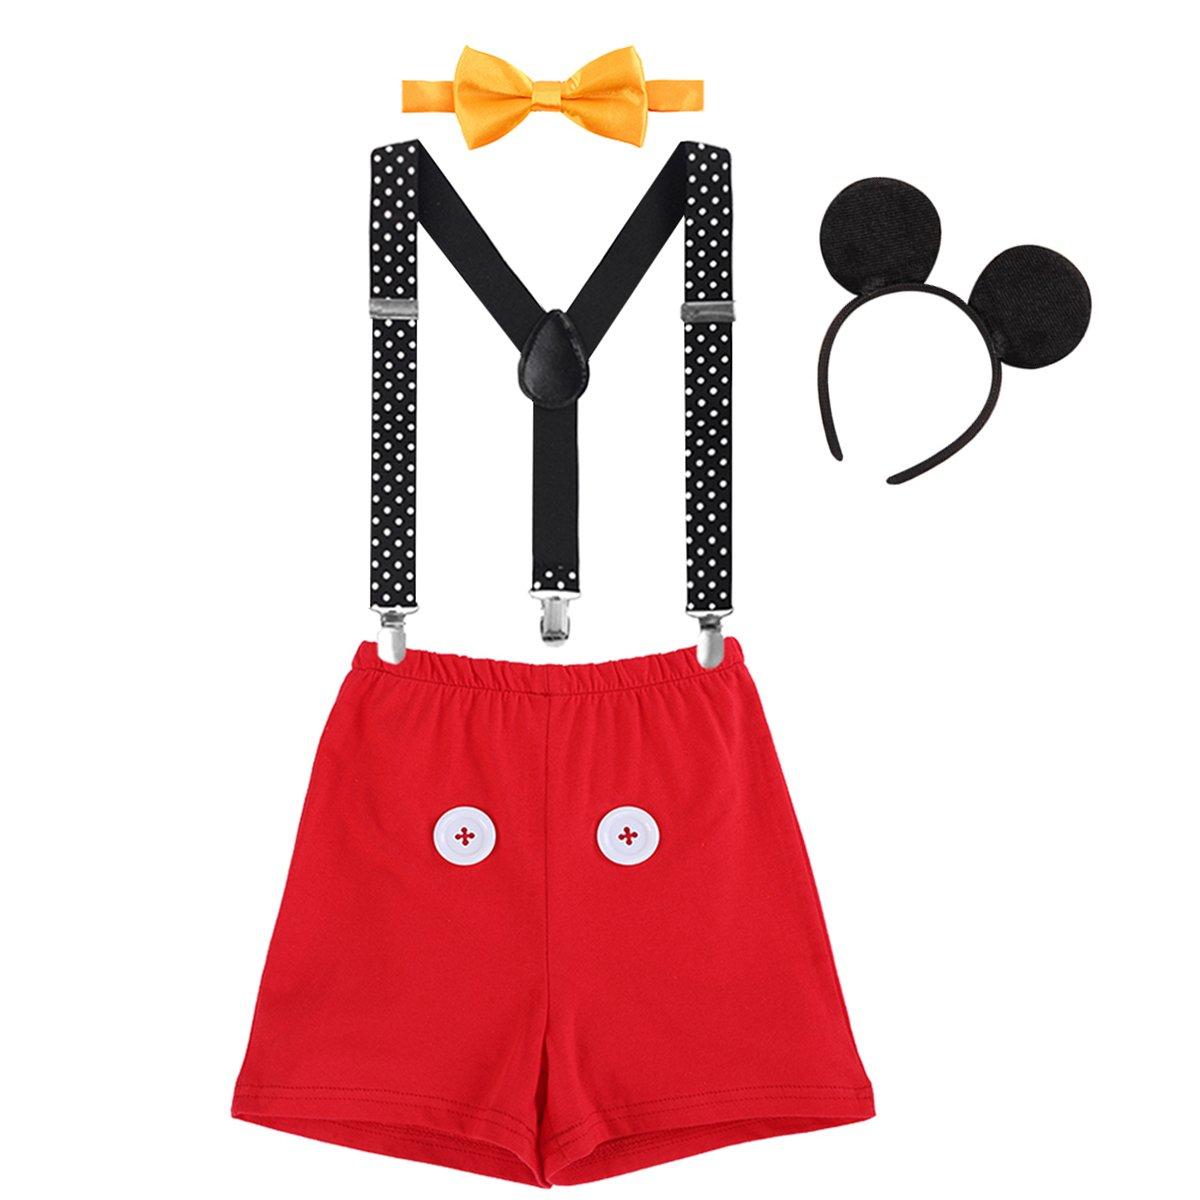 IWEMEK Baby Mickey Mouse 1. / 2./ 3. Geburtstag Halloween Kostüm Outfit Unterhose + Fliege + Y-Form Hosenträger + Maus Ohren 4pcs Bekleidungssets Fotoshooting Kostüm für Unisex Jungen Mädchen huaxin